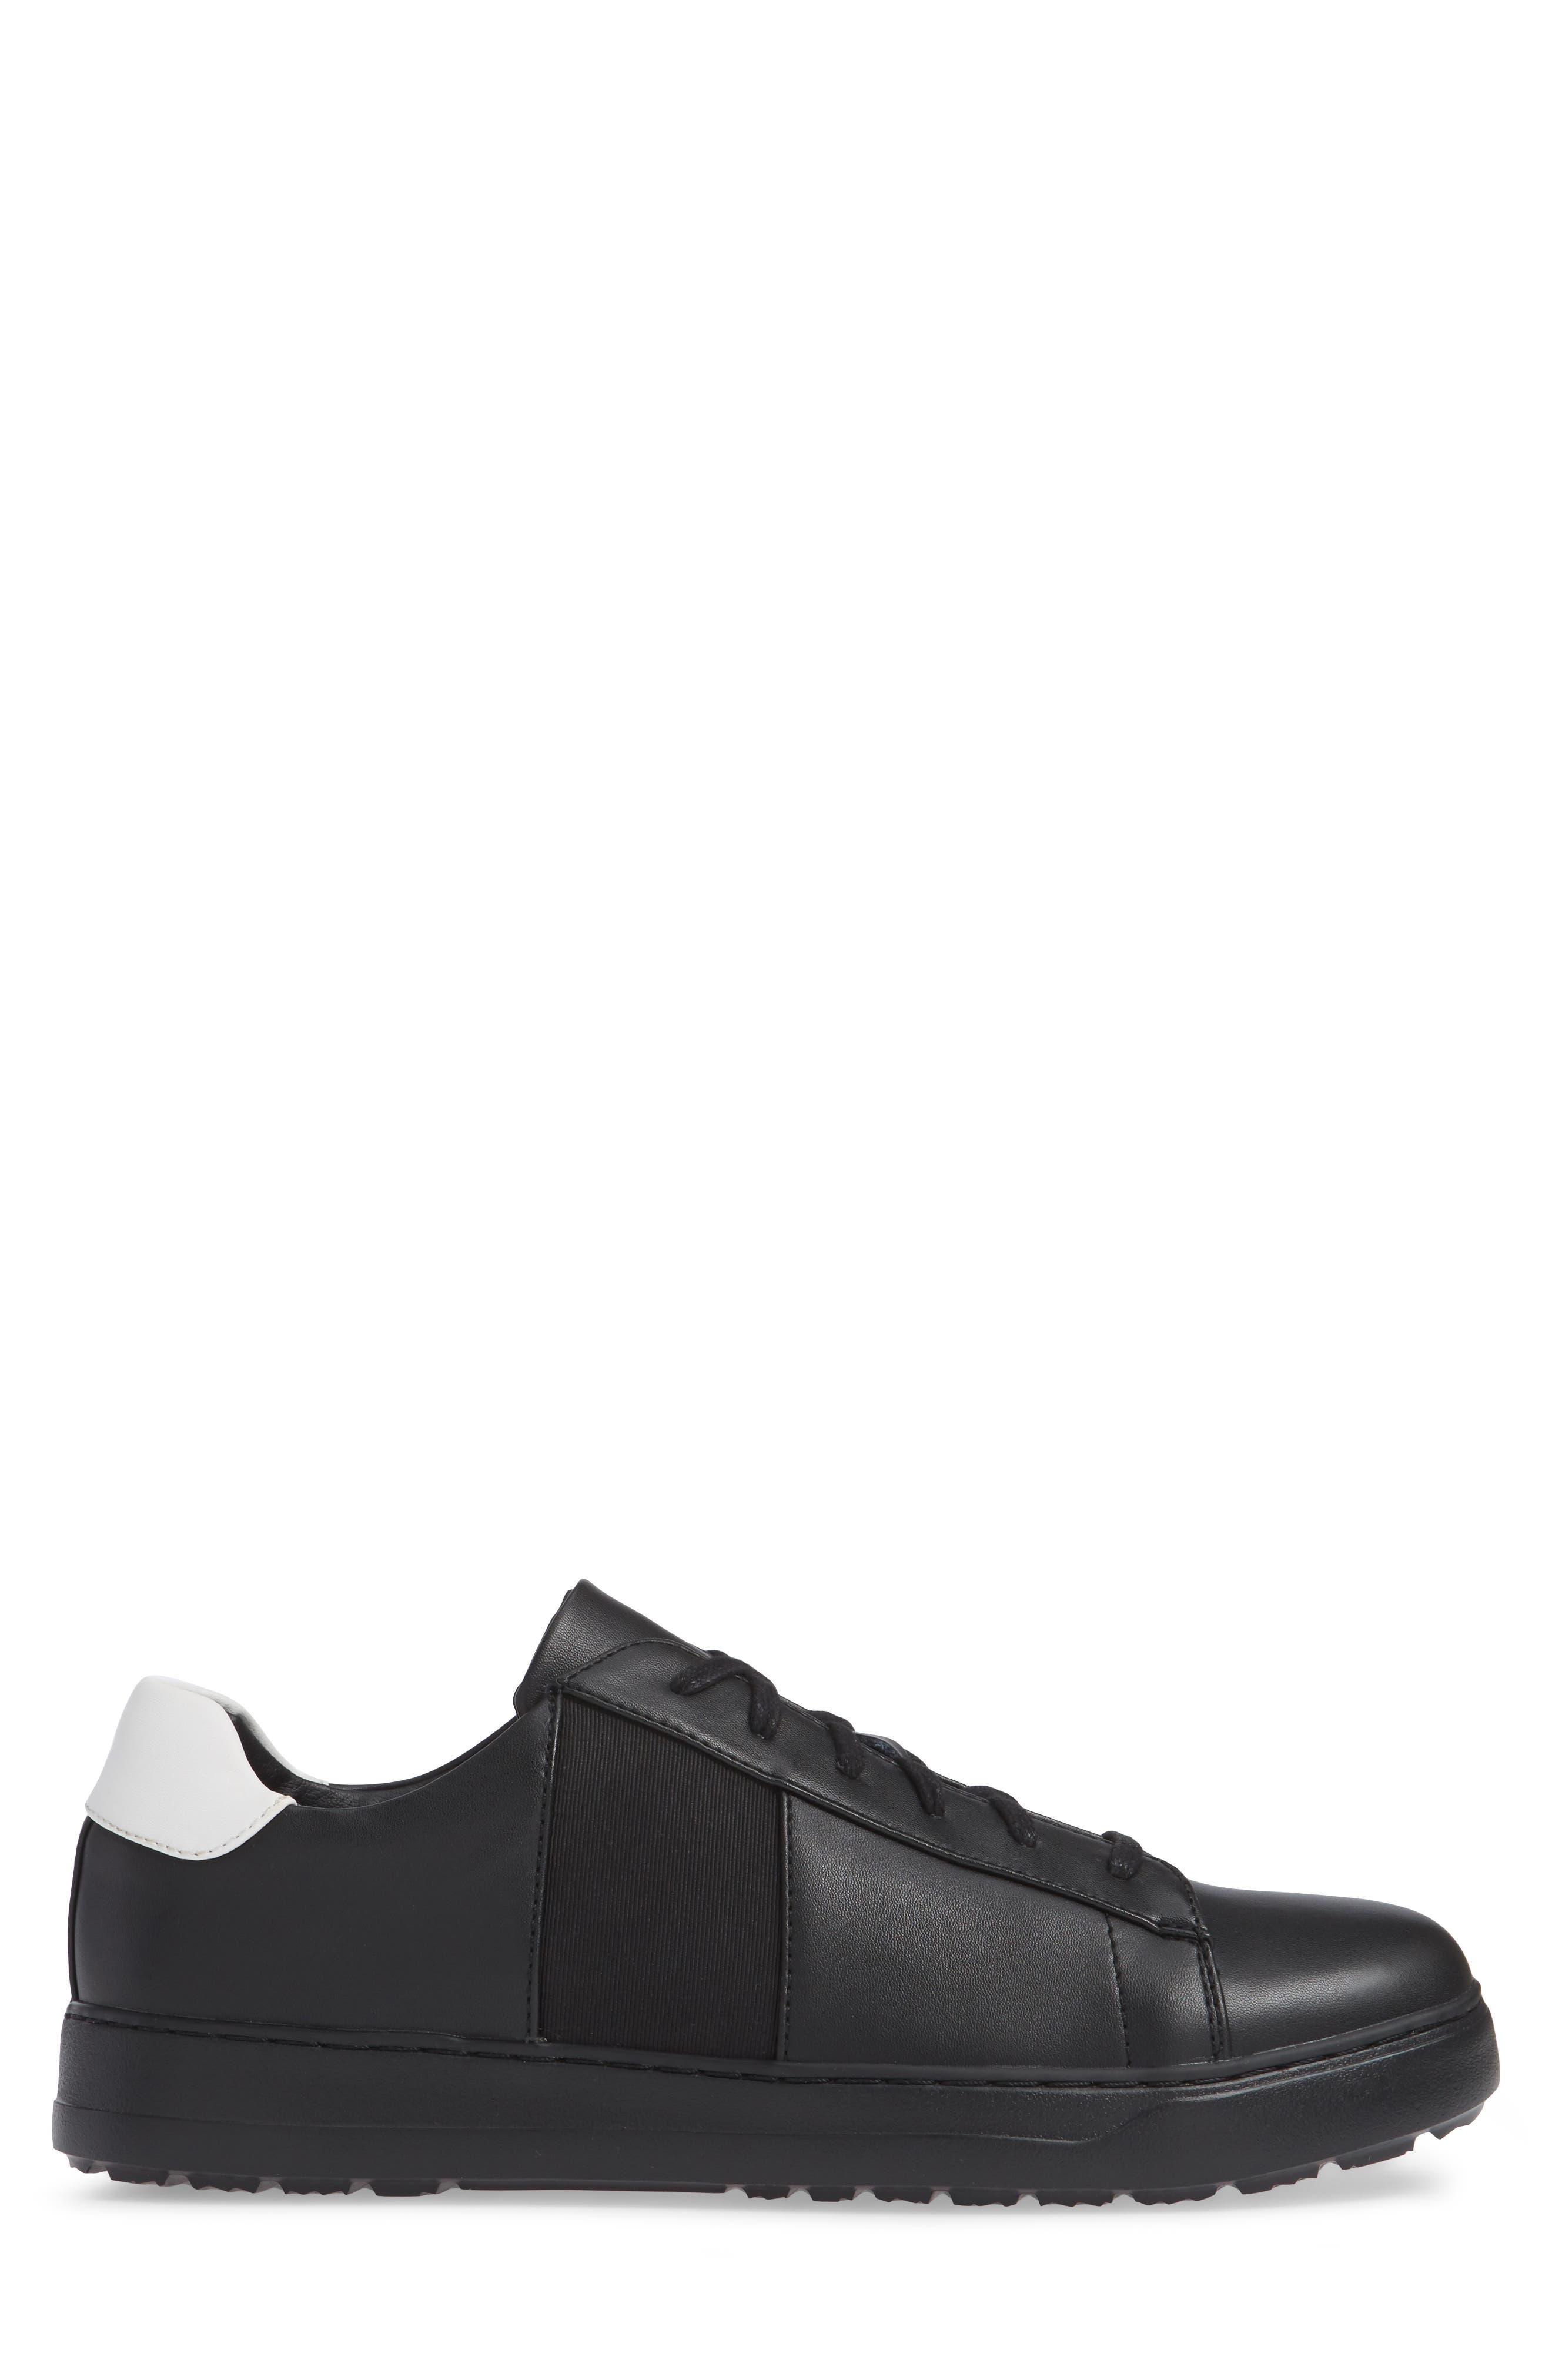 Sammy 2 Sneaker,                             Alternate thumbnail 3, color,                             BLACK LEATHER